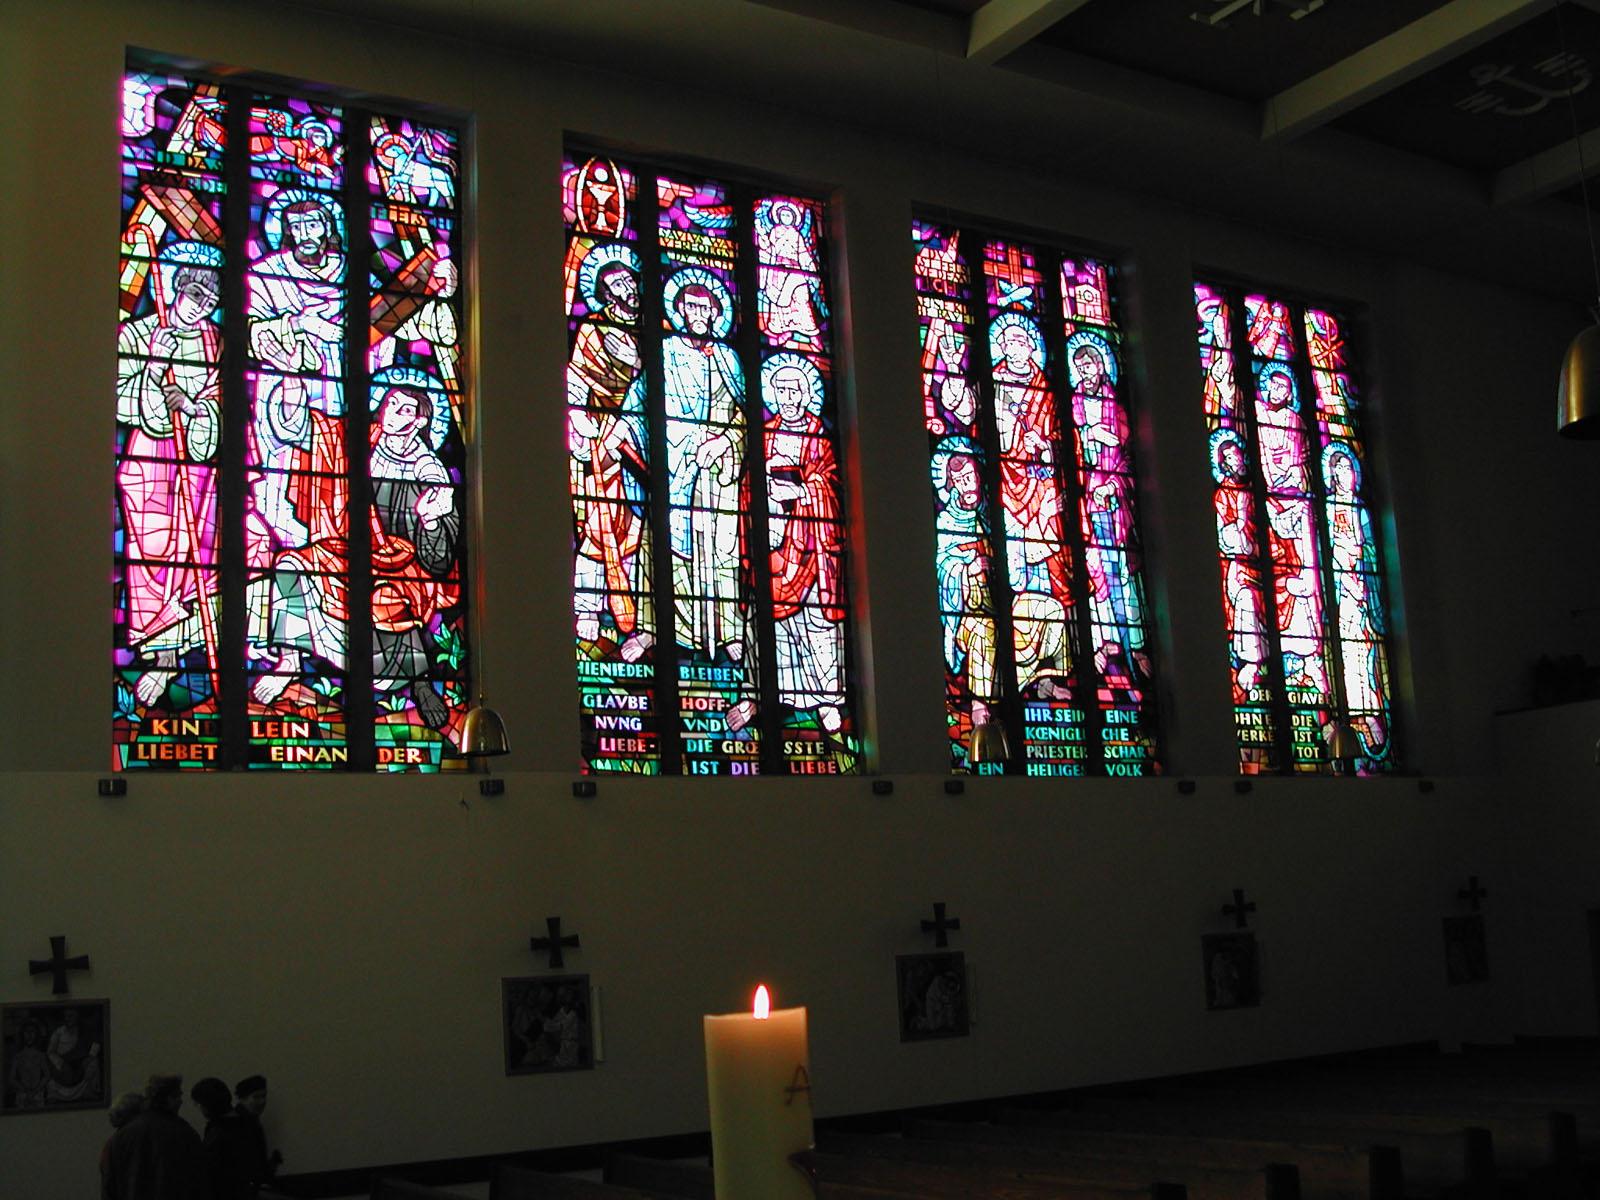 Mosaikfenster von Karl Hauk in der Ostwand mit den 12 Aposteln